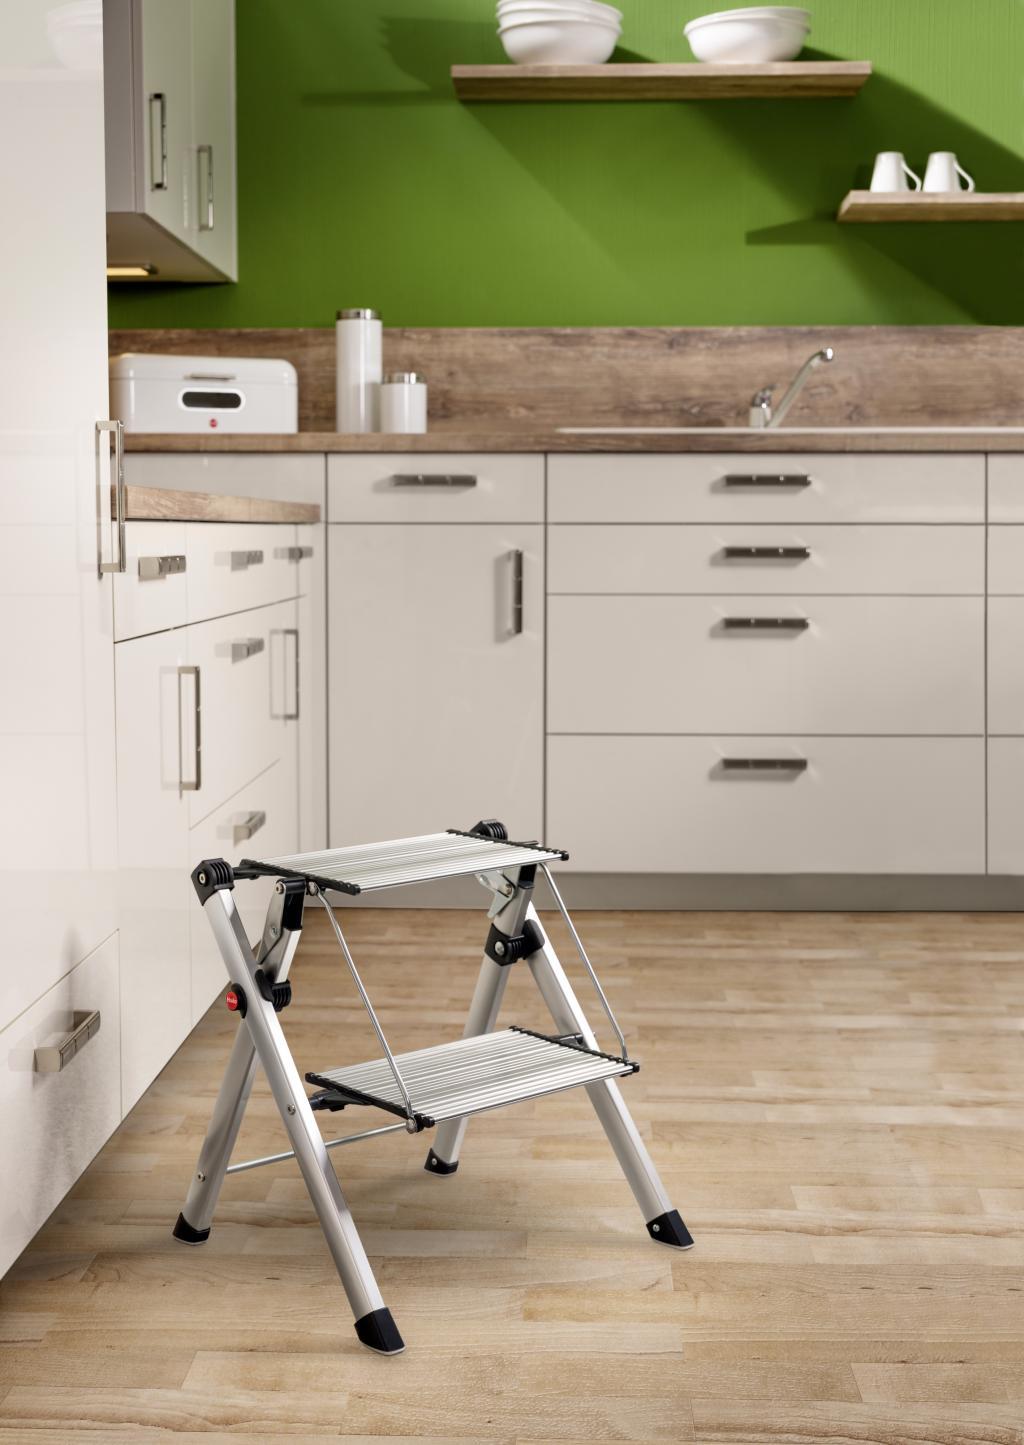 trittleiter mini comfort 2 stufen faltbar hailo kaufen wohn und. Black Bedroom Furniture Sets. Home Design Ideas